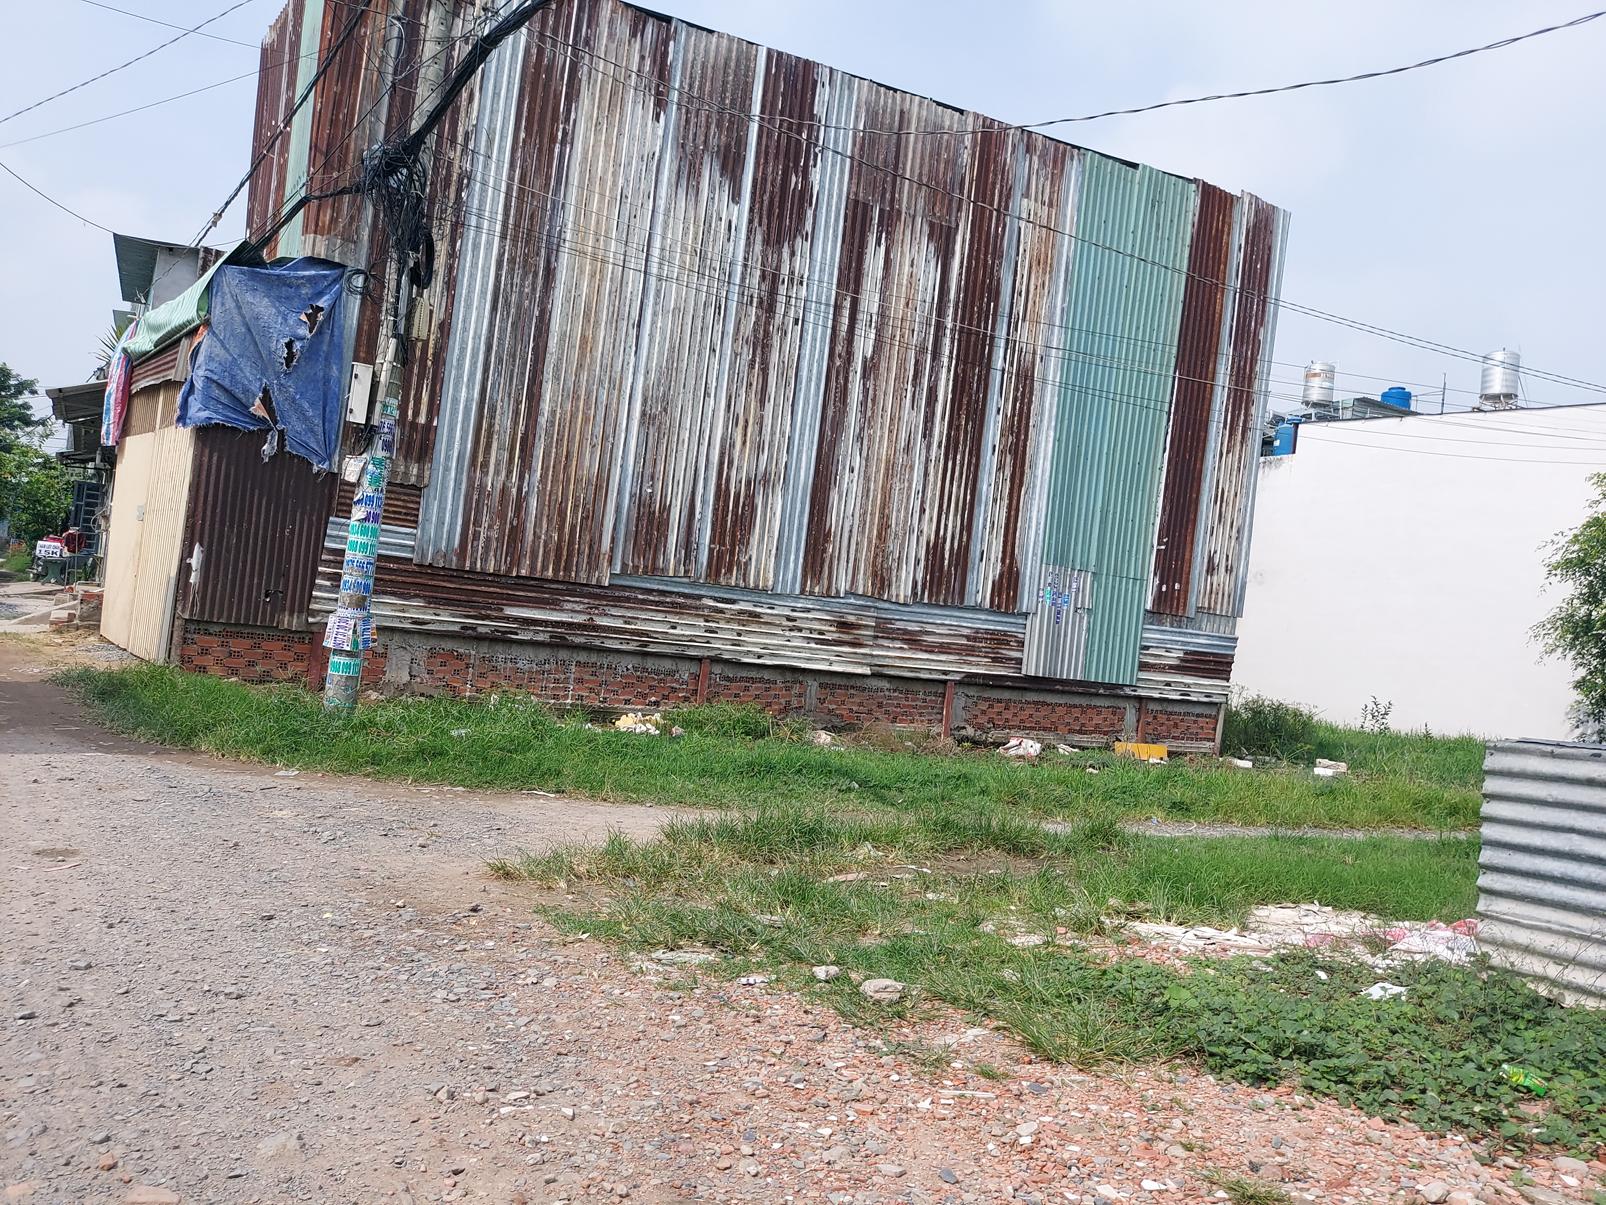 Chỉ sau vài ngày, một căn nhà không phép sừng sững mọc lên tại tổ 15, ấp 6B, xã Vĩnh Lộc A